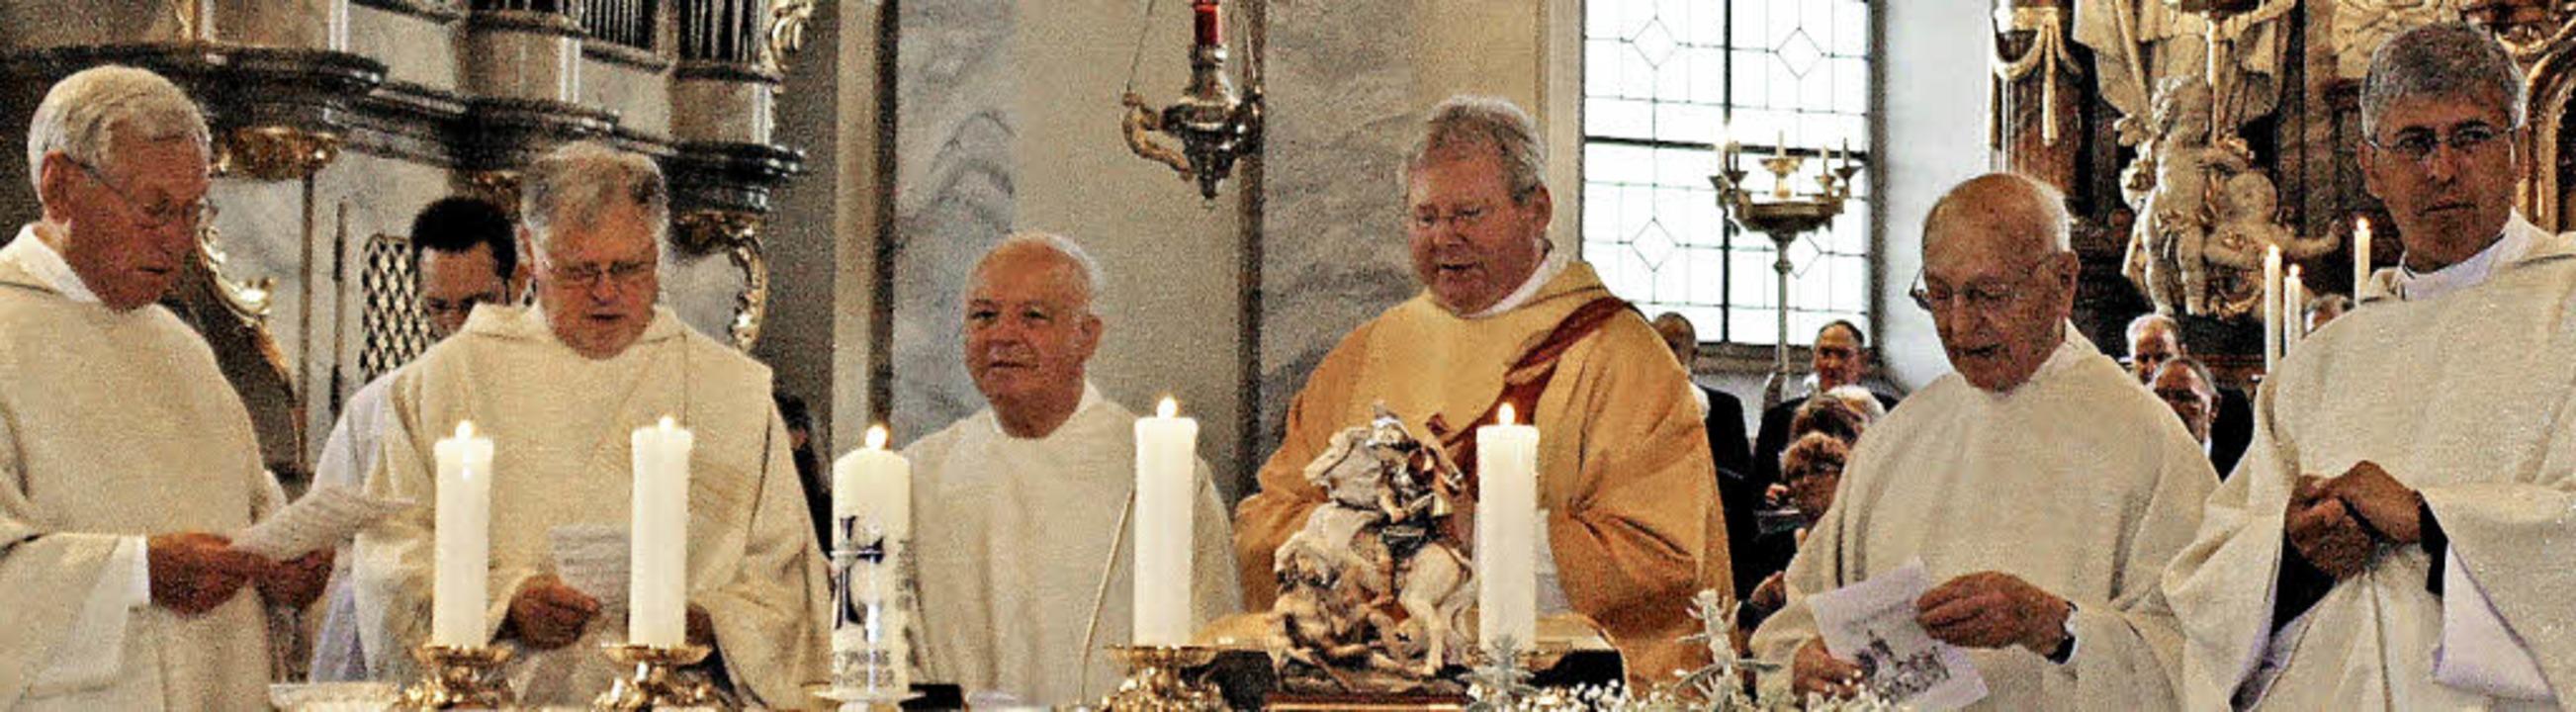 Pfarrer Josef Zimmermann, Diakon Ferdi...ttesdienst in der Wehrer Pfarrkirche.   | Foto: Michael Gottstein